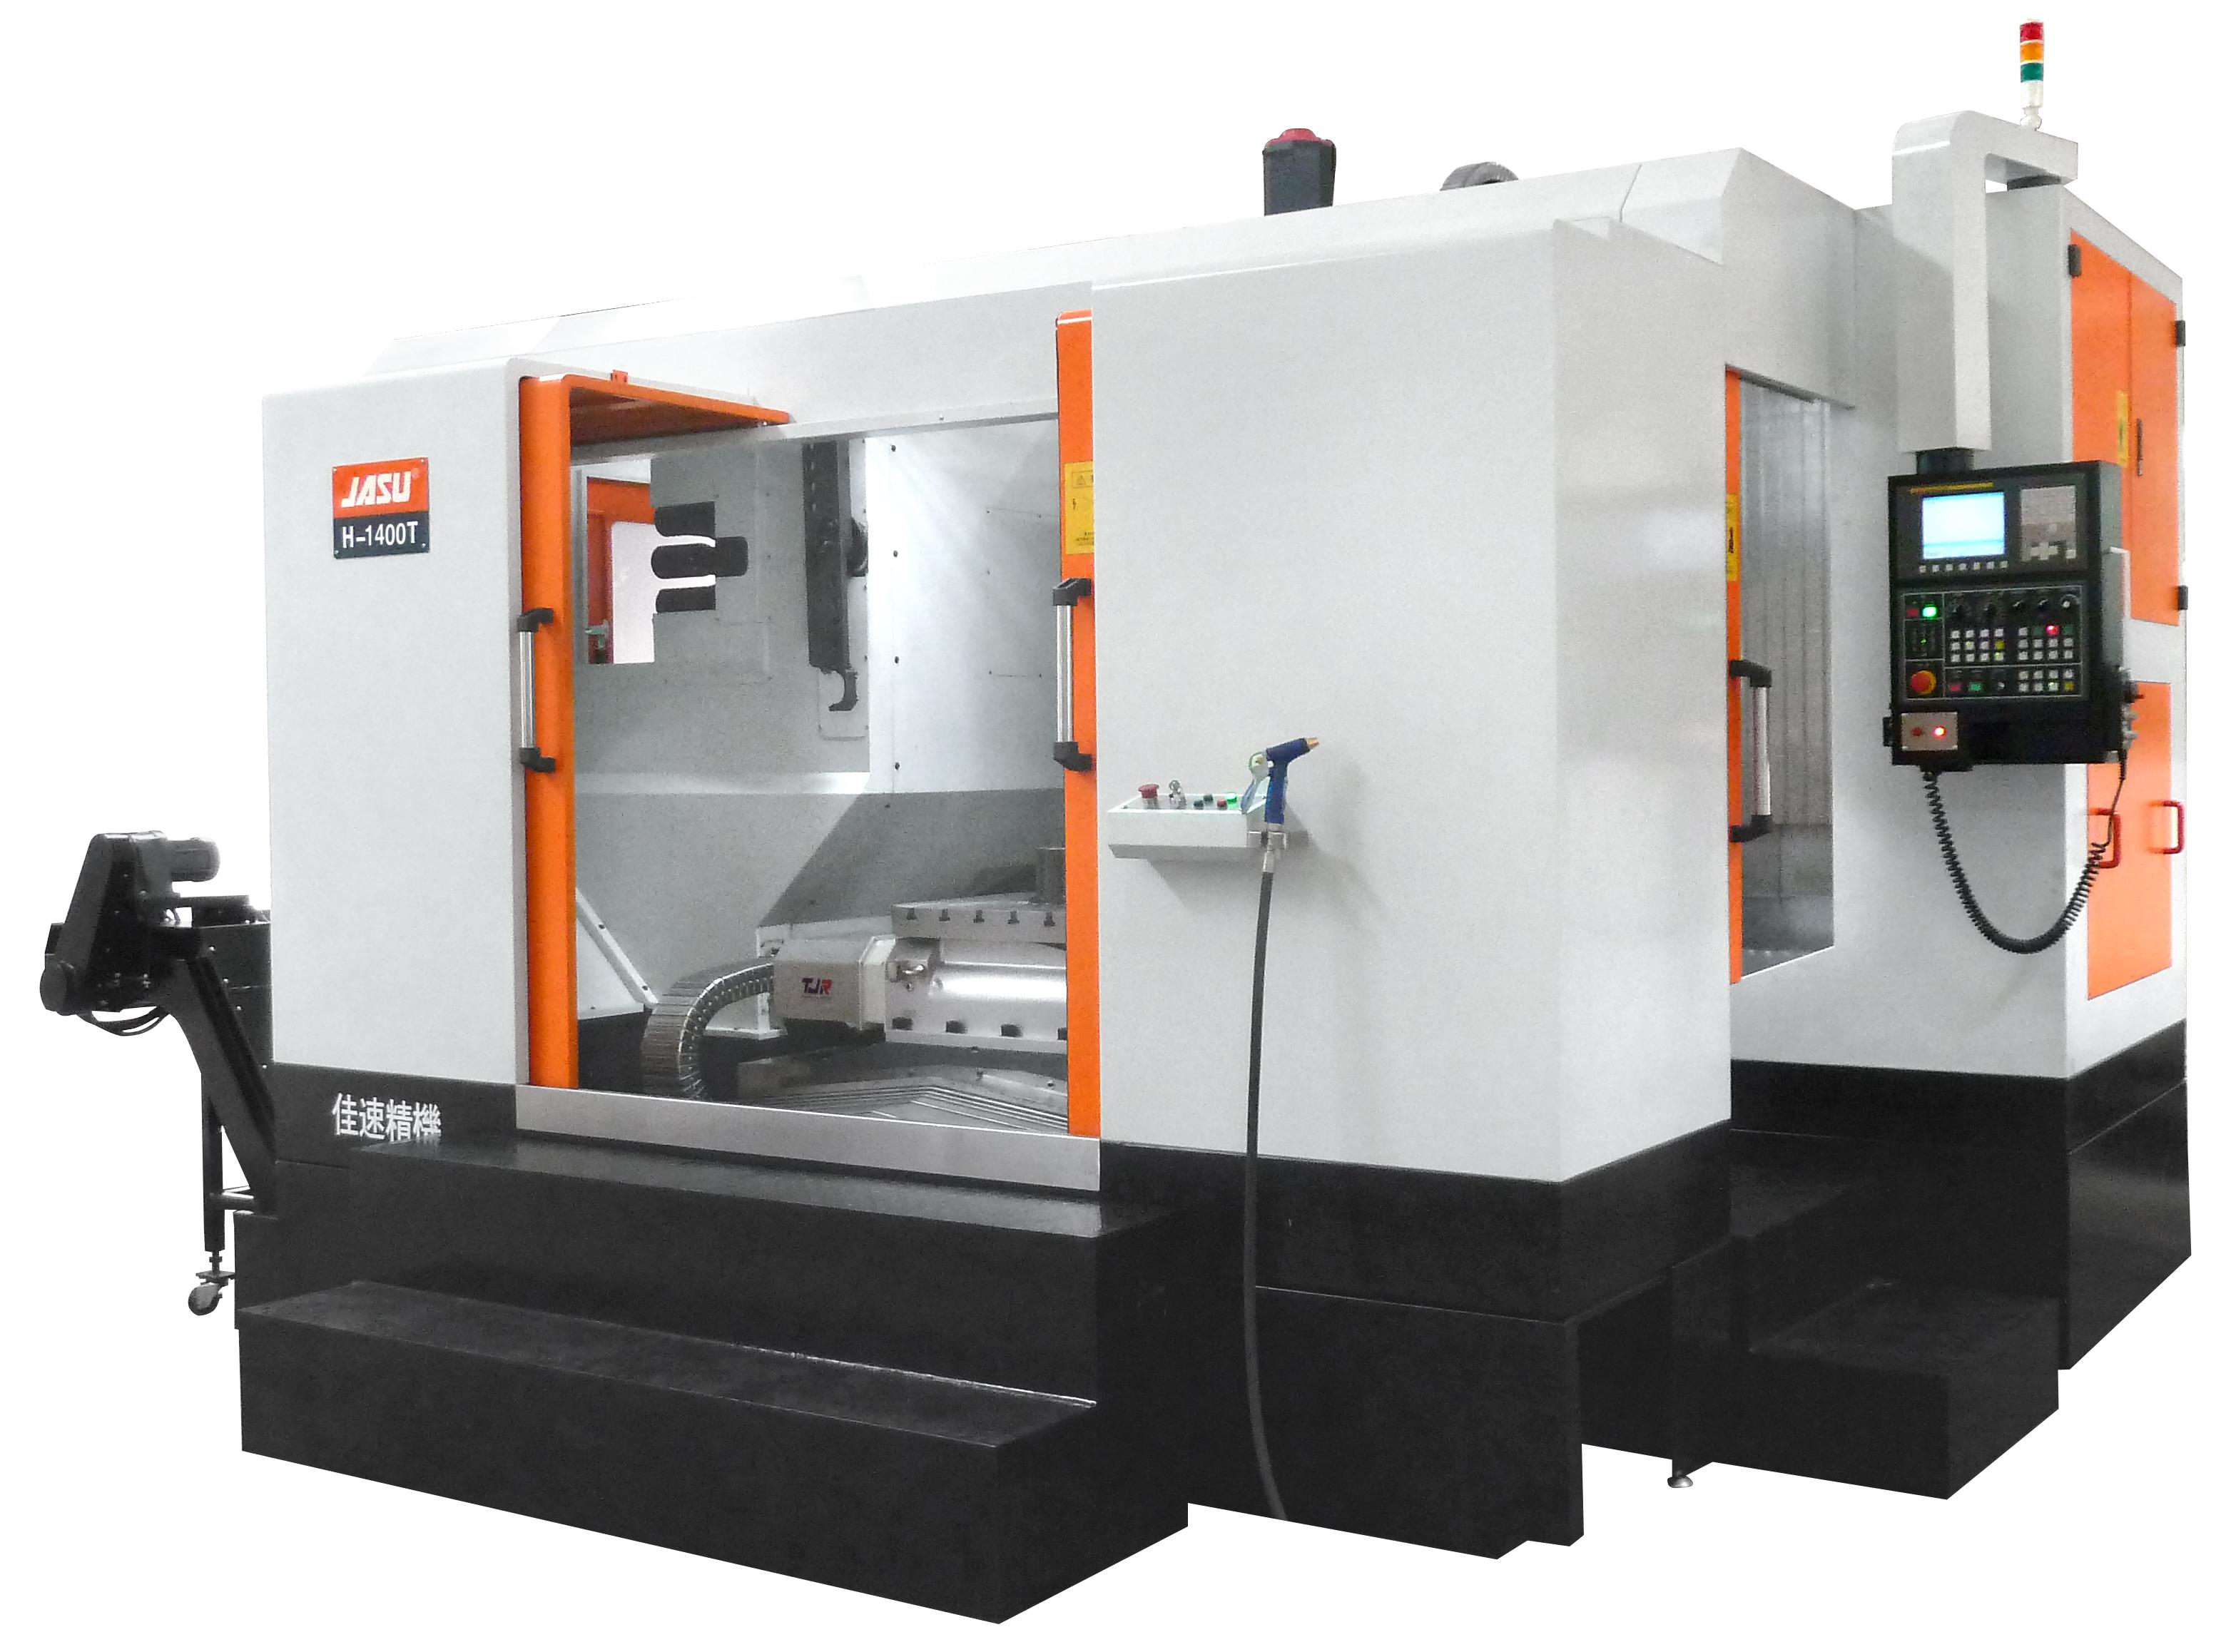 Cnc Milling Jasu International Machinery Group